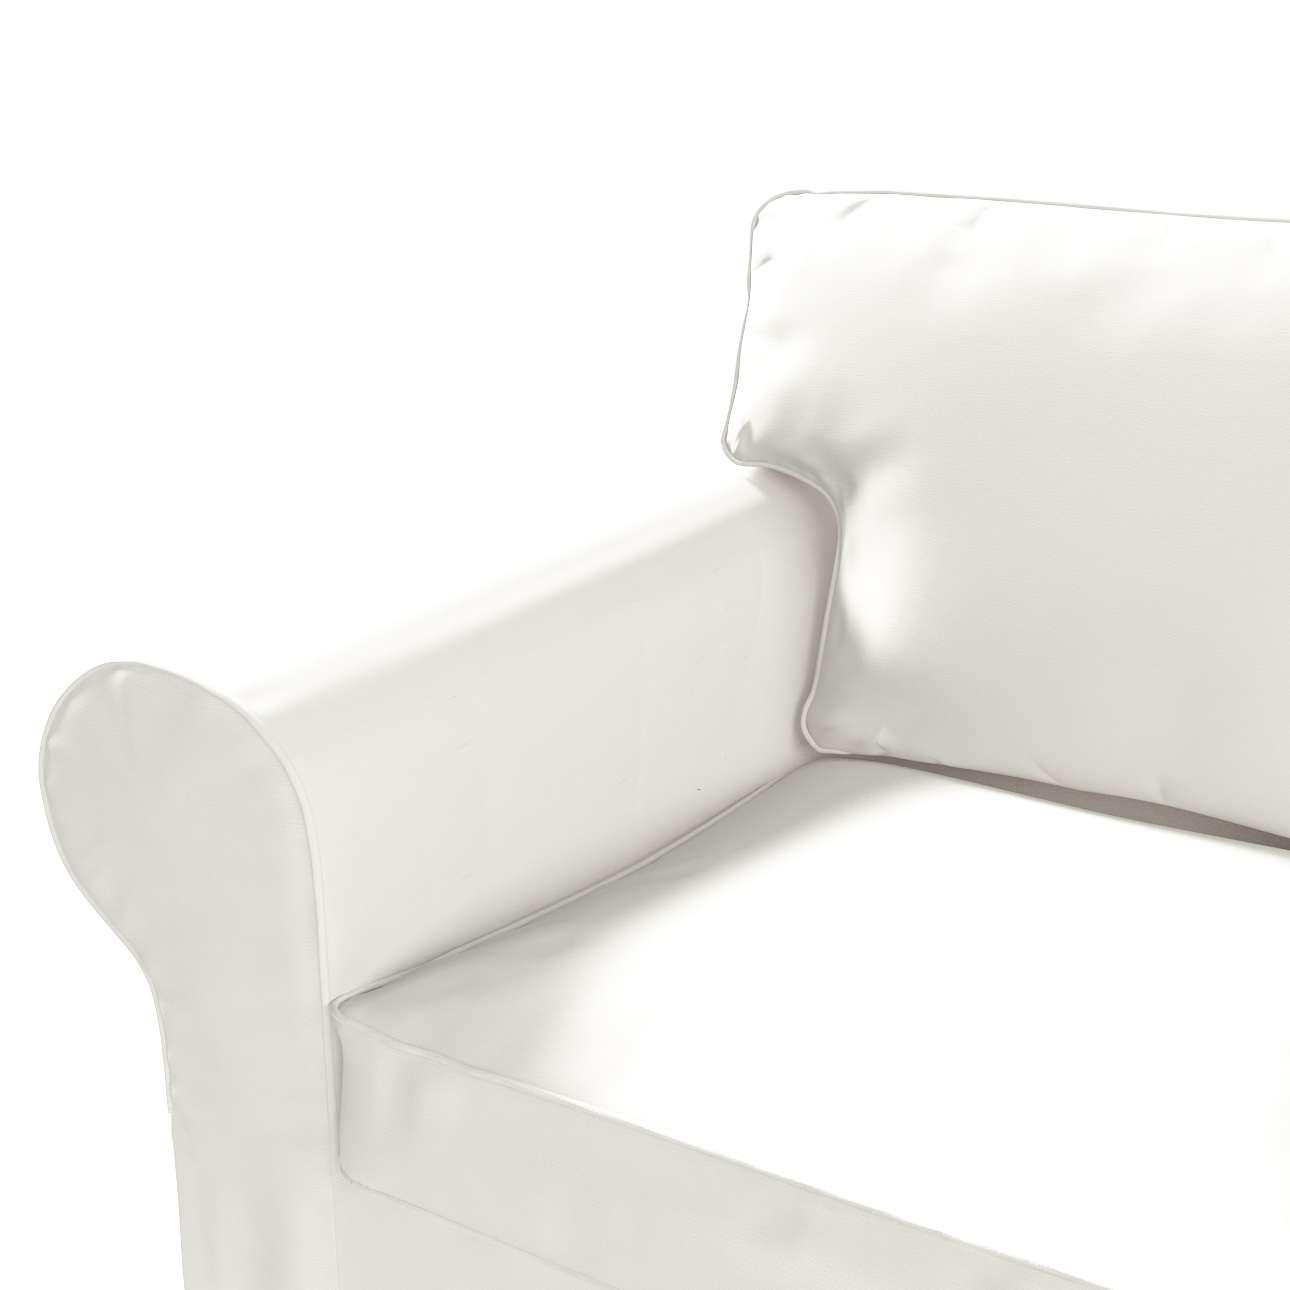 Pokrowiec na sofę Ektorp 2-osobową, rozkładaną, model do 2012 w kolekcji Cotton Panama, tkanina: 702-34